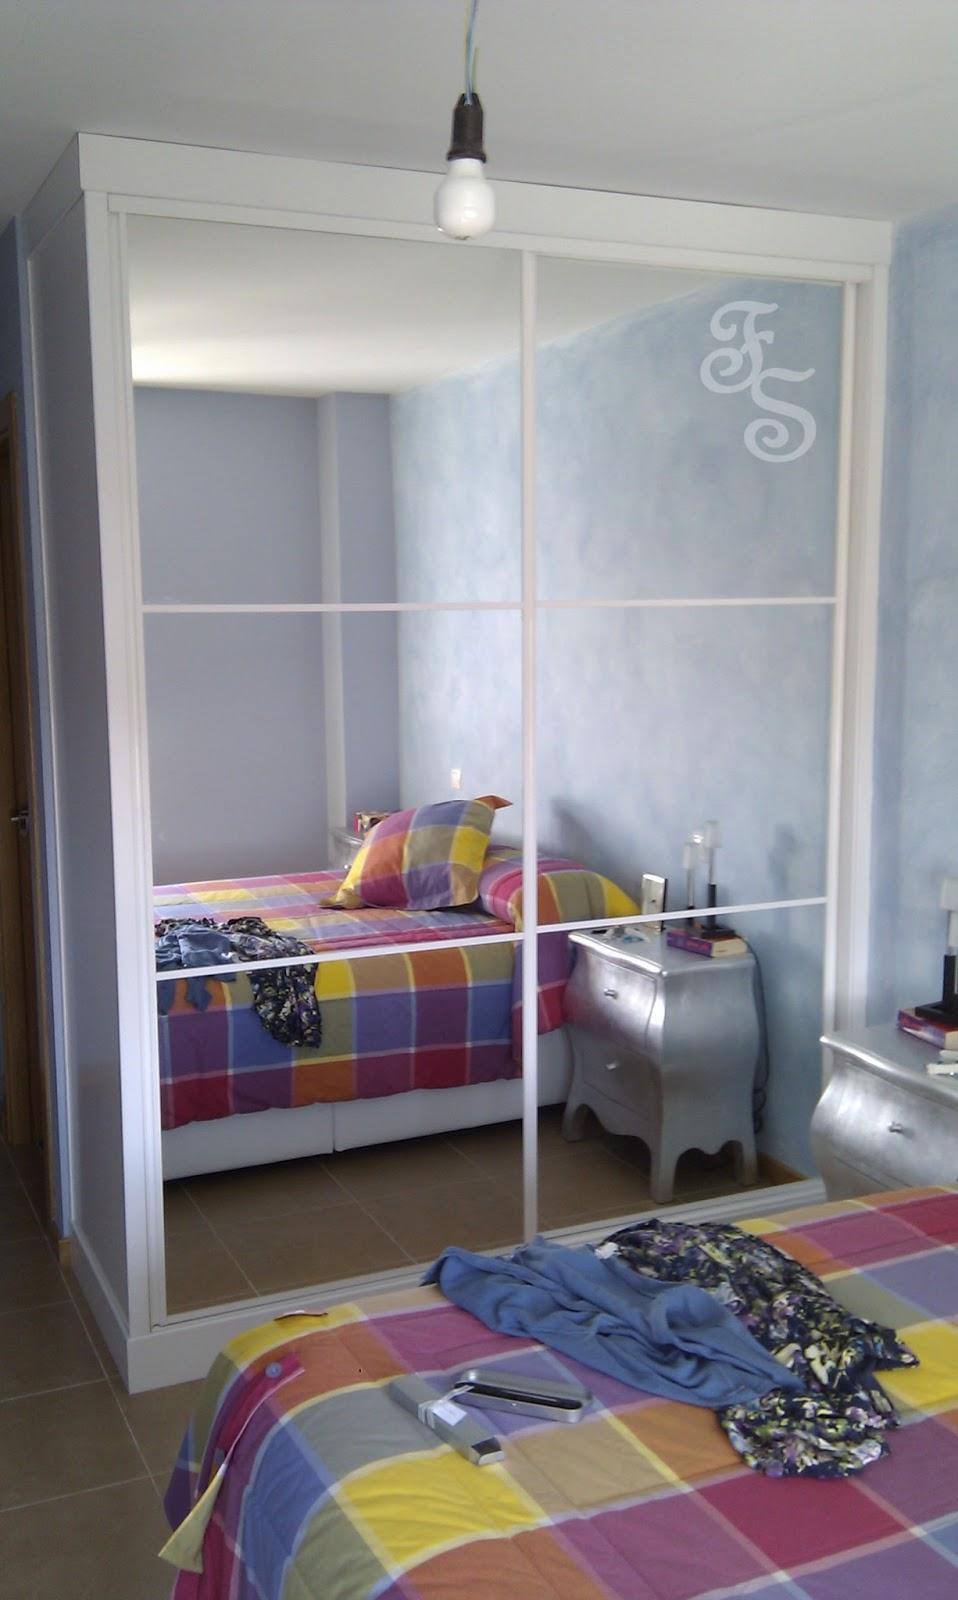 Muebles fernando sancho armarios - Muebles en cuellar ...